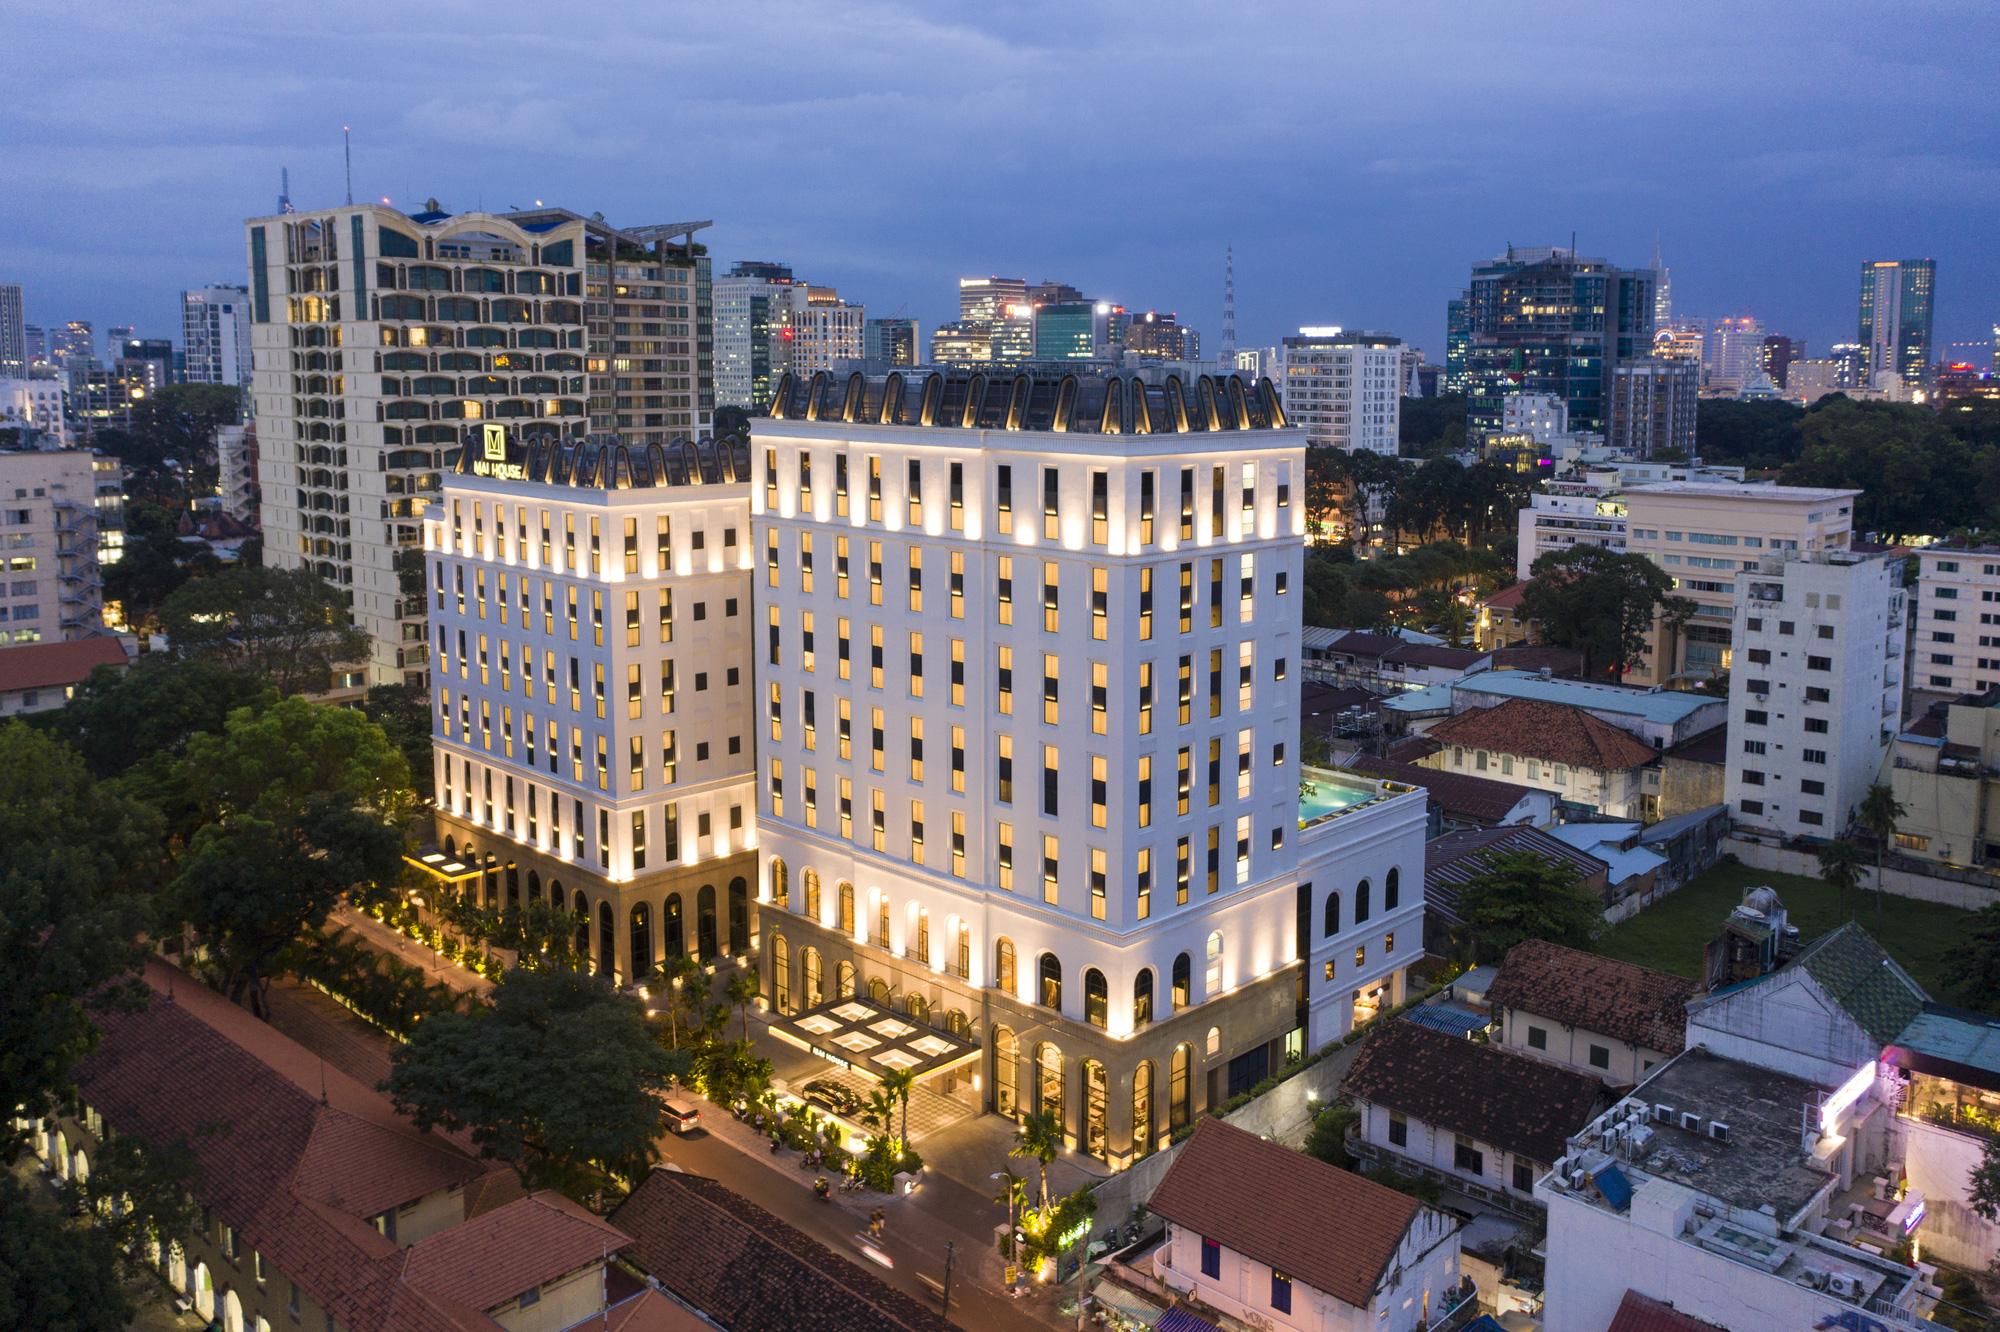 FESTIVE SEASON - Tận hưởng không gian Giáng sinh ấm cúng và an lành cùng Mai House Saigon - Ảnh 1.